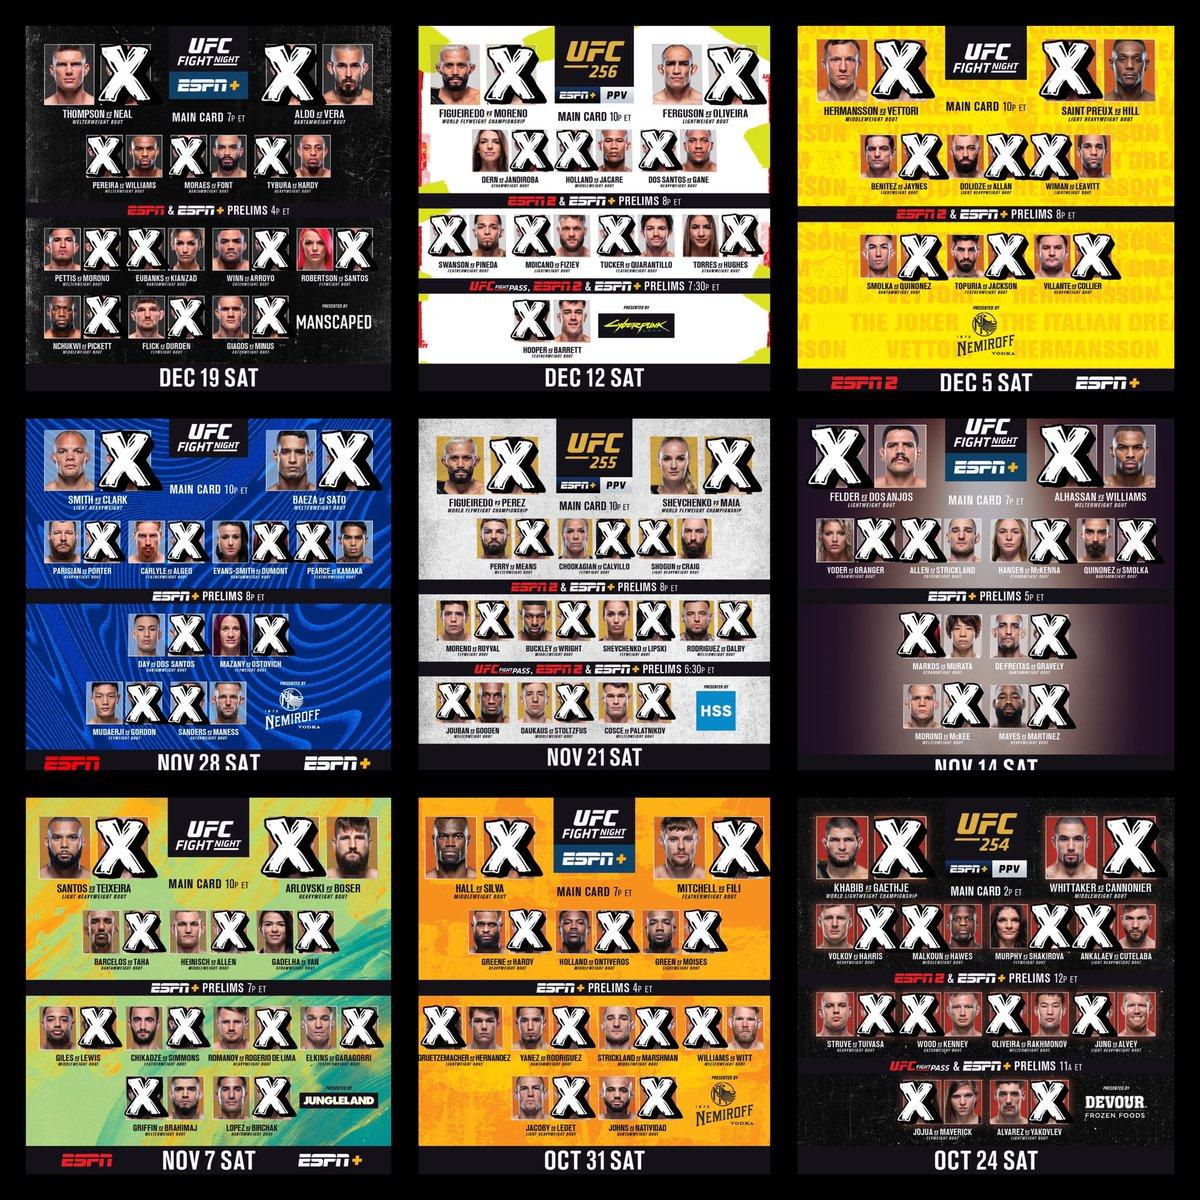 💰2020 Final #FightPick record:   • Overall: (287-162) | 63.92%  - Main Card: (124-91) | 57.67% - Prelims: (150-59) | 71.77% - Early Prelims: (13-12) | 52%   6️⃣ Draws:  • #UFCBrasilia  • #UFCVegas5  • #UFCVegas11  • #UFCFightIsland4  • #UFC254  • #UFC256  1️⃣ NC: #UFC247 https://t.co/FfBSLp7KqL